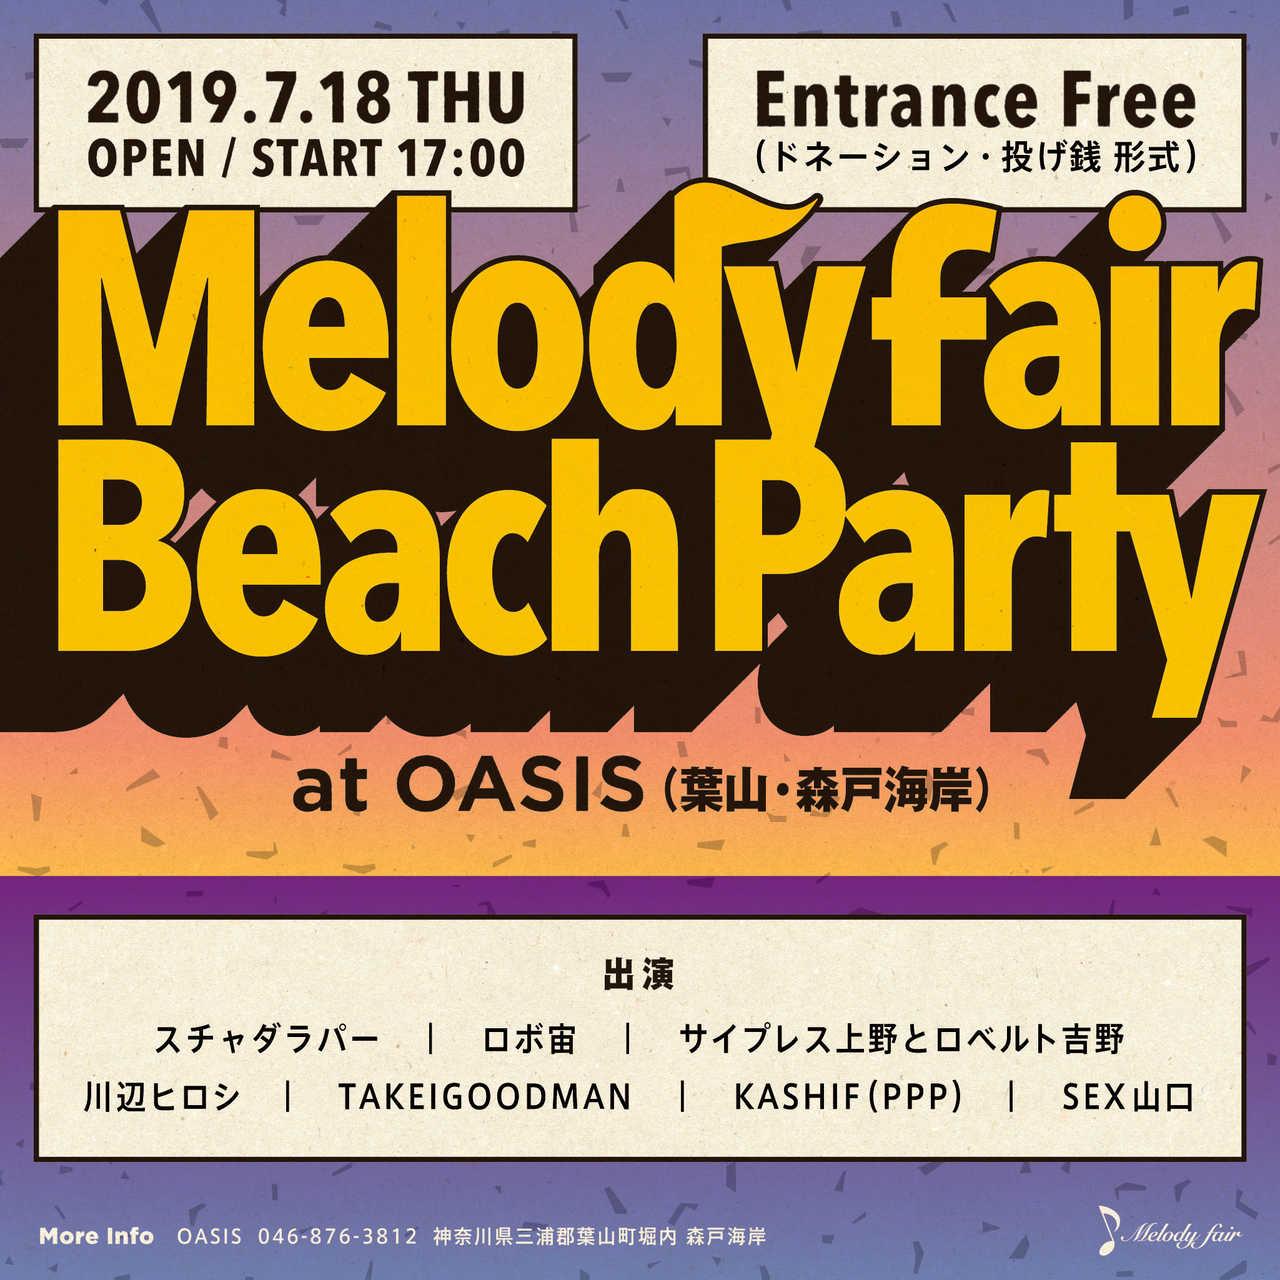 Melody fair Beach Party